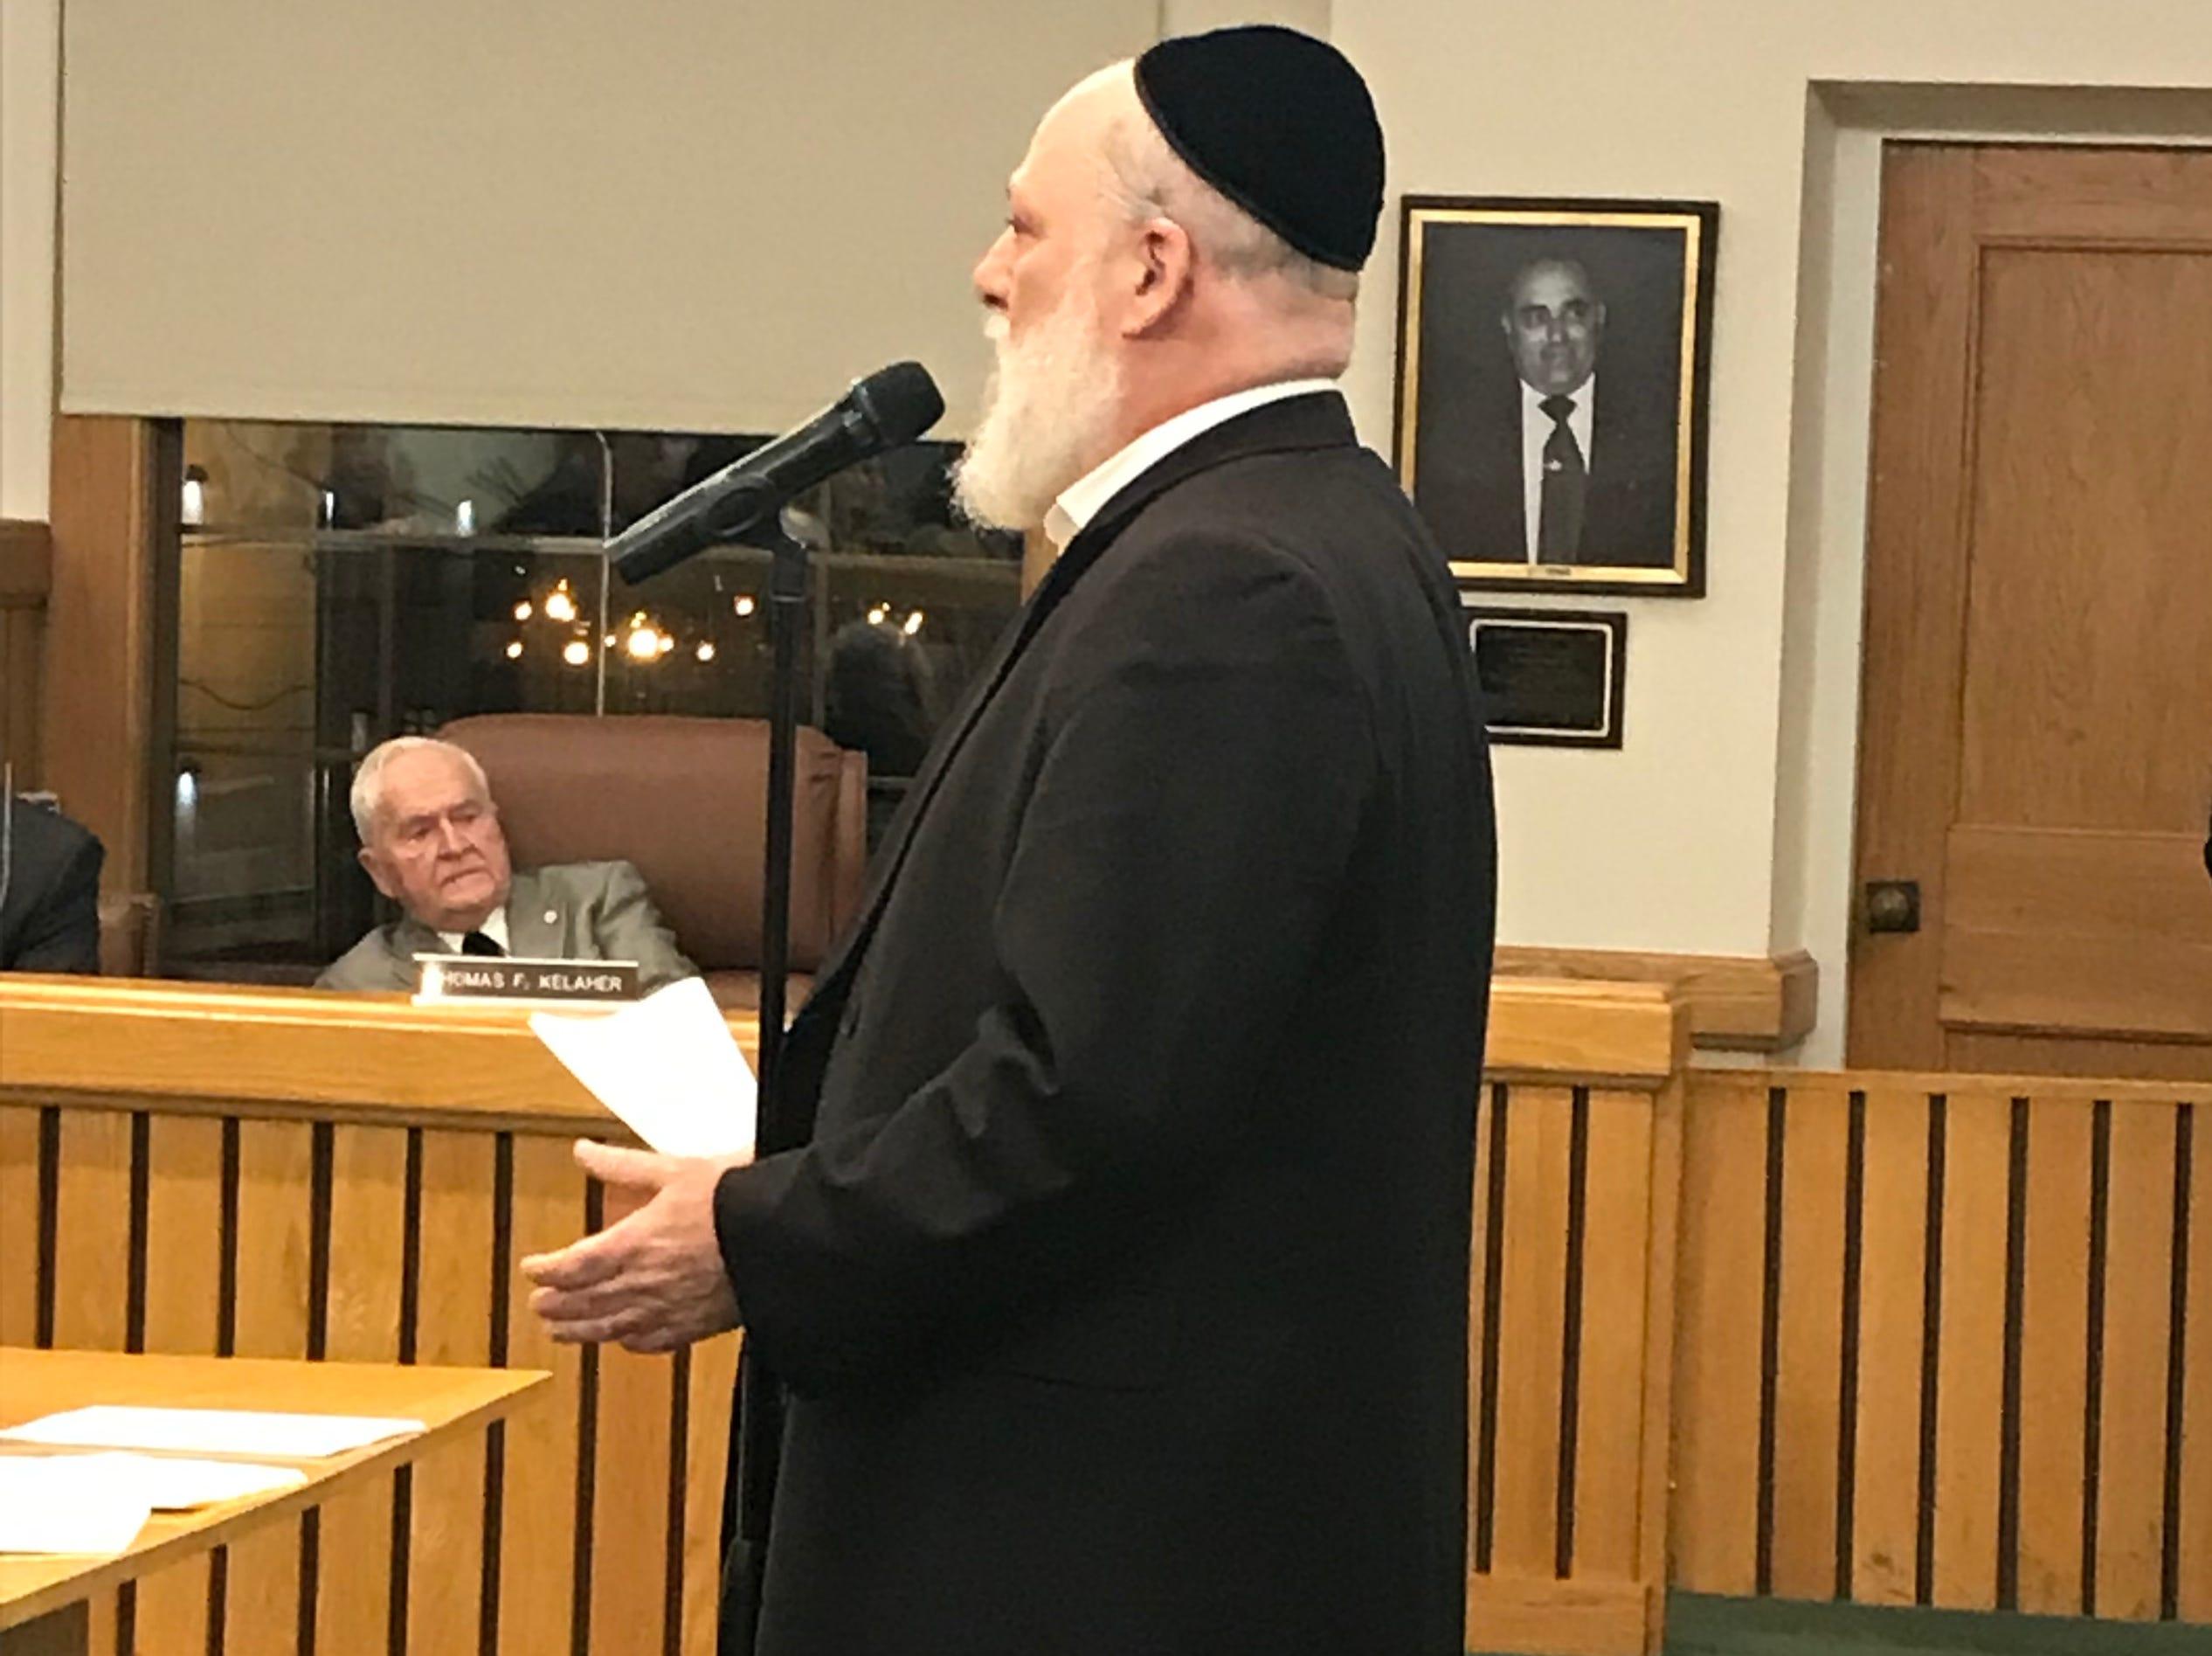 Toms River resident Scott Gartner speaks to the township council